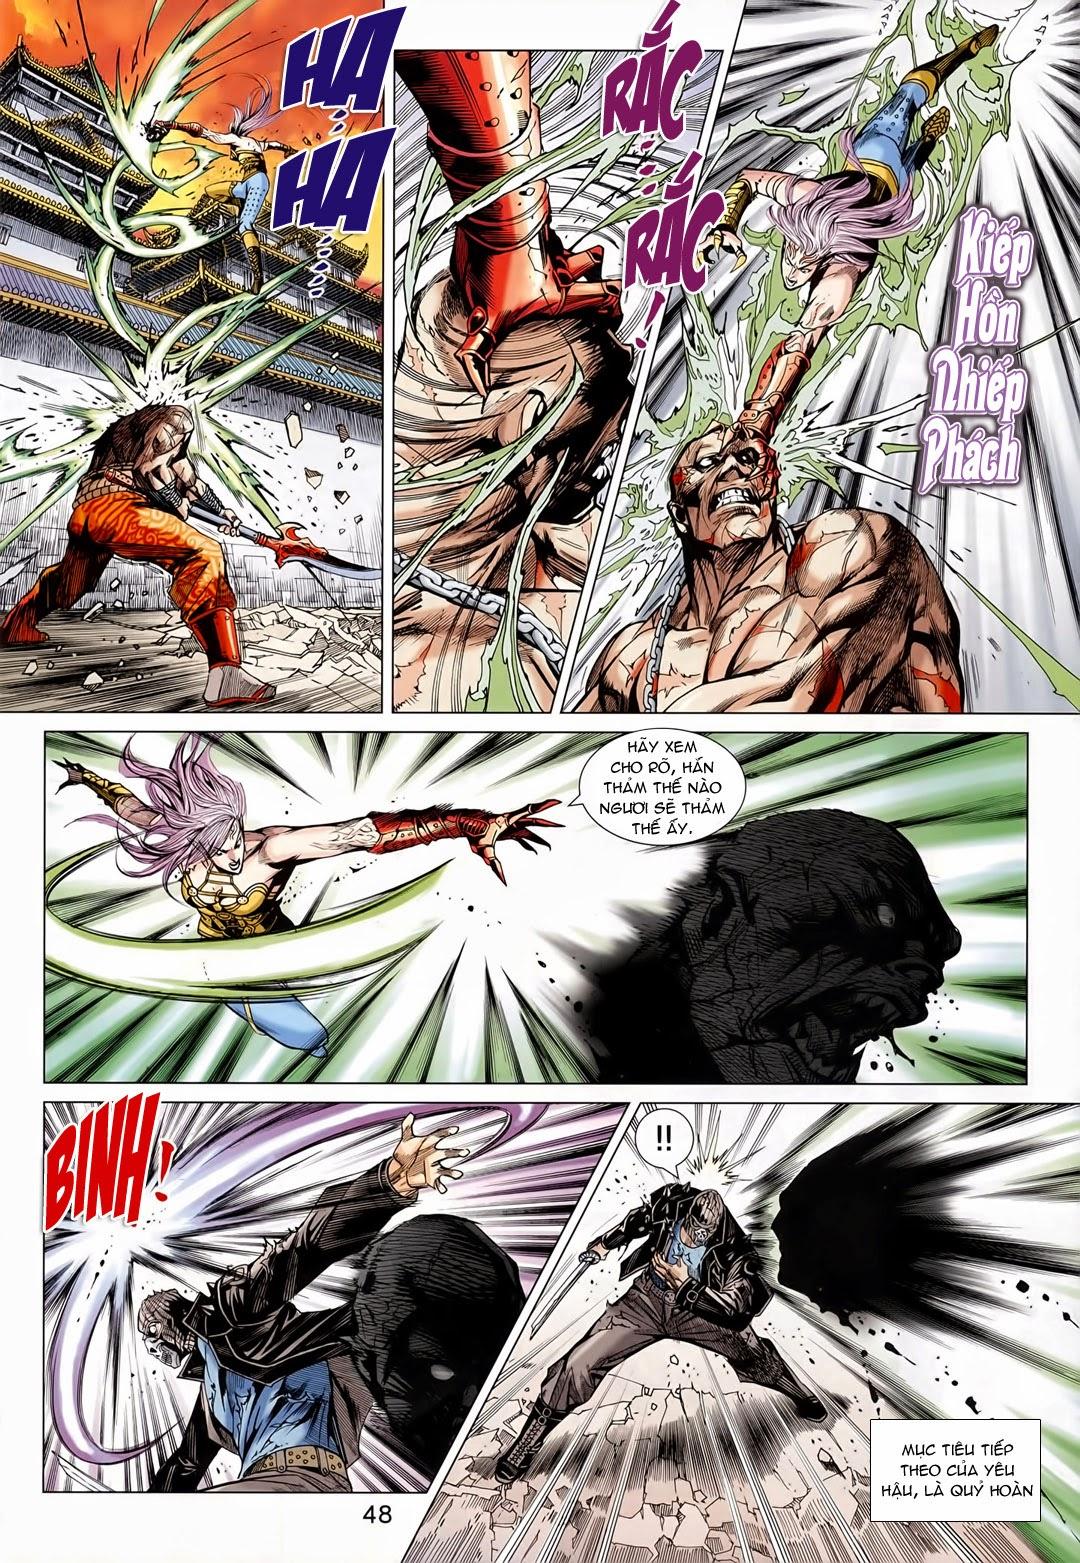 Tân Tác Long Hổ Môn trang 43